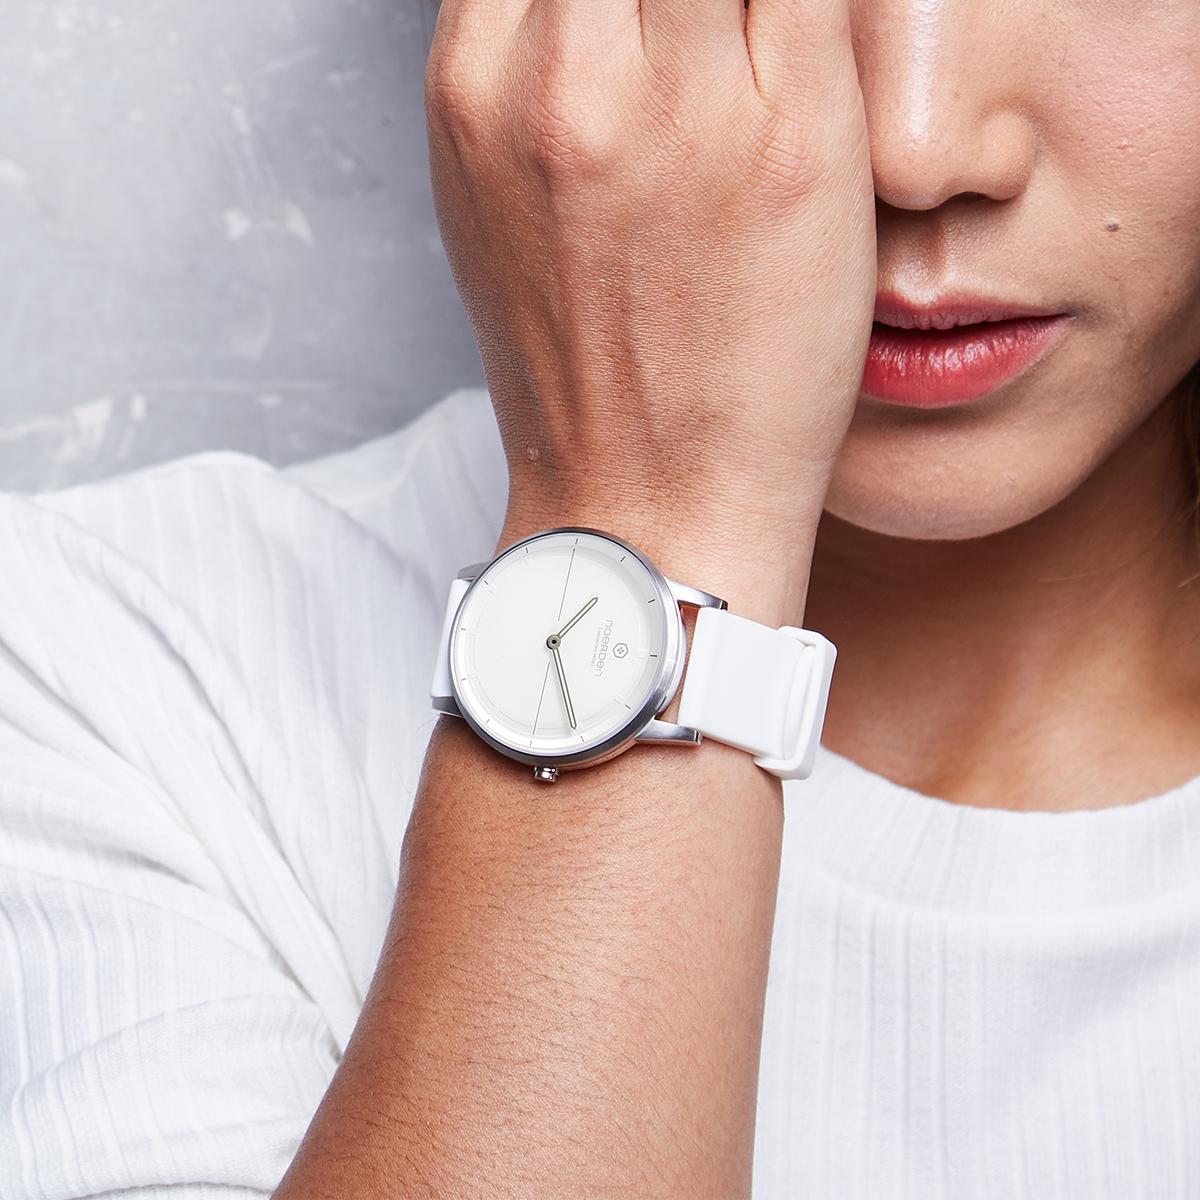 《フィットネスタイプ》24時間、あなたの活動量も睡眠も見守ってくれるスマートウォッチ|noerden